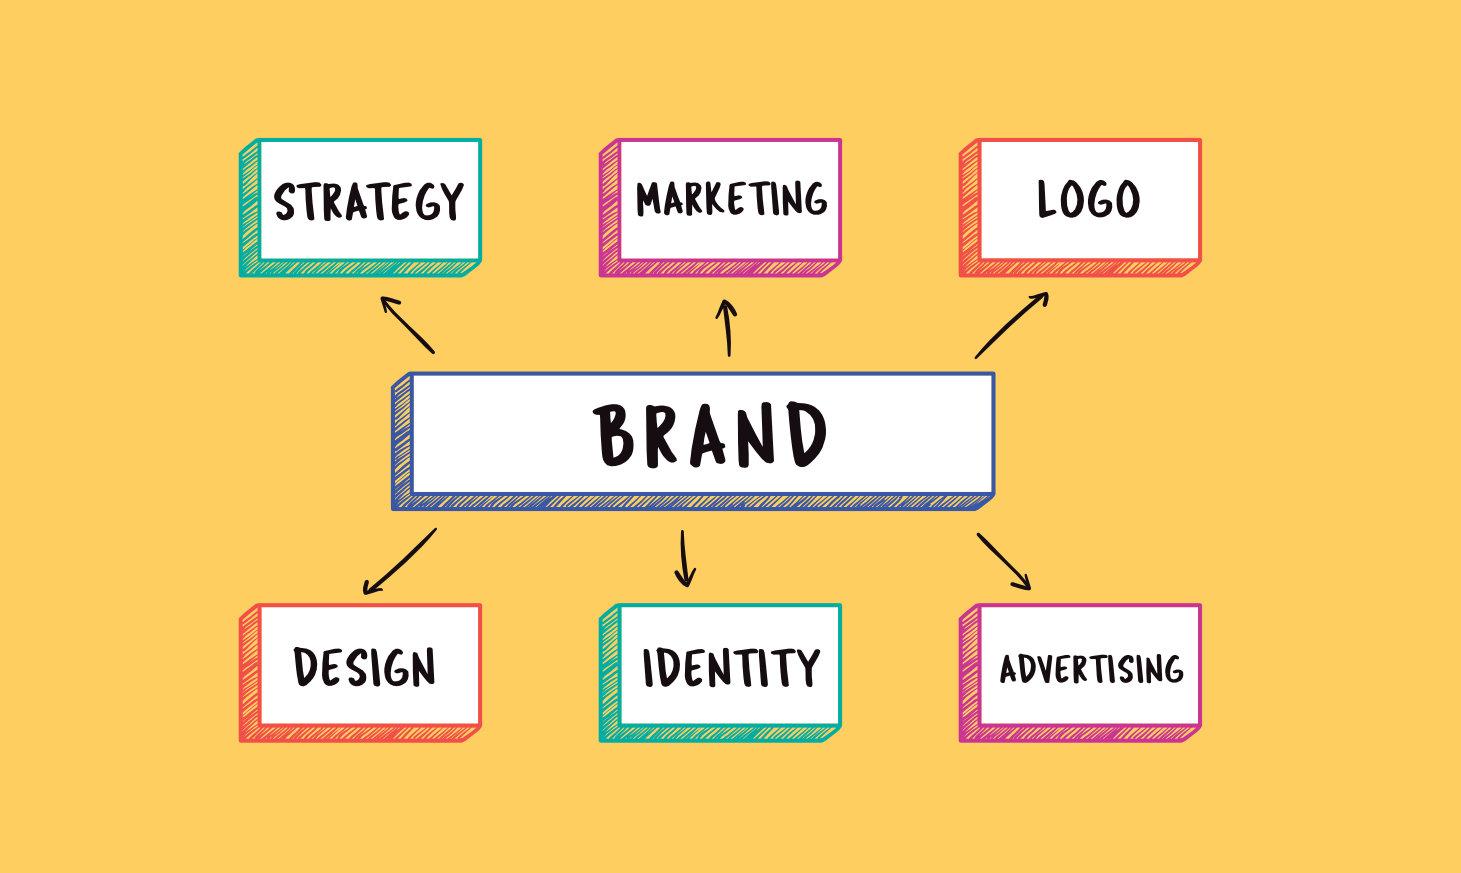 什麼是內容行銷?如何做到實際提升銷售業績,看這一篇就足夠!增加銷售額